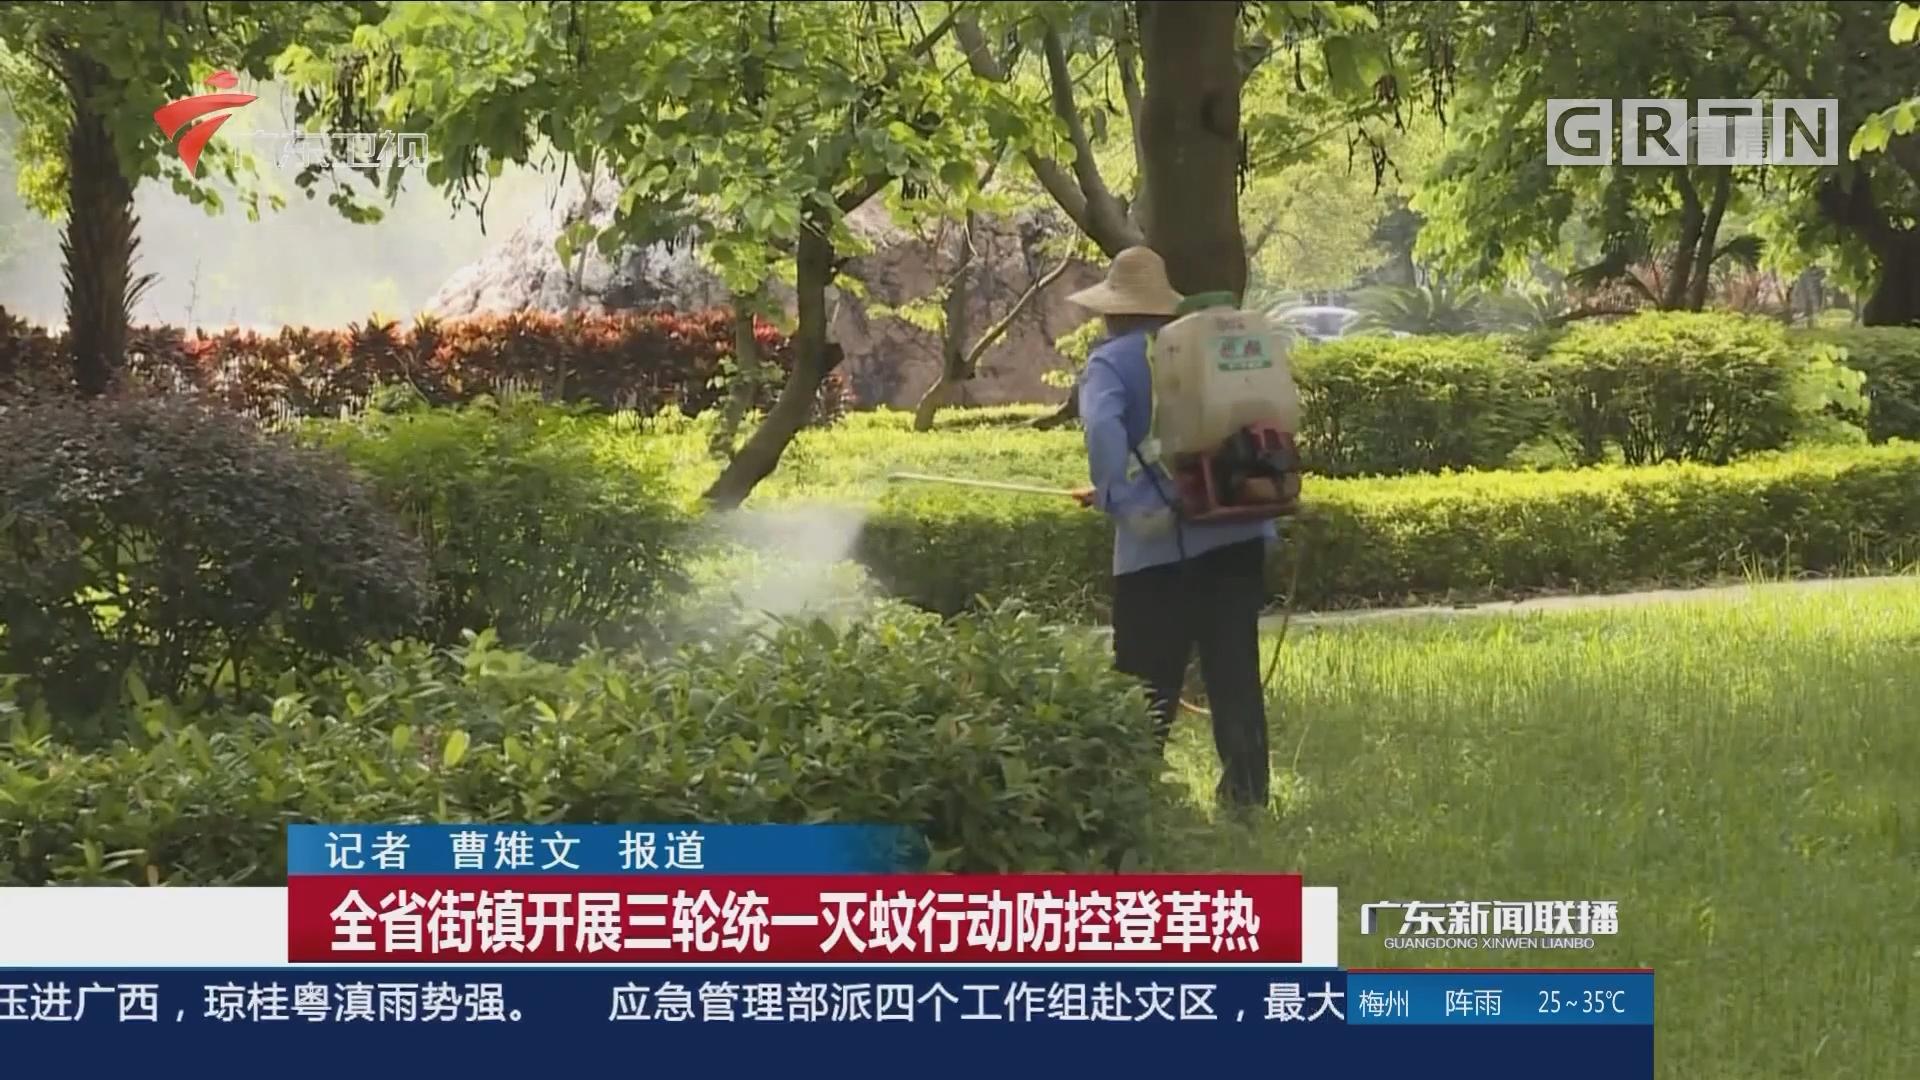 全省街镇开展三轮统一灭蚊行动防控登革热